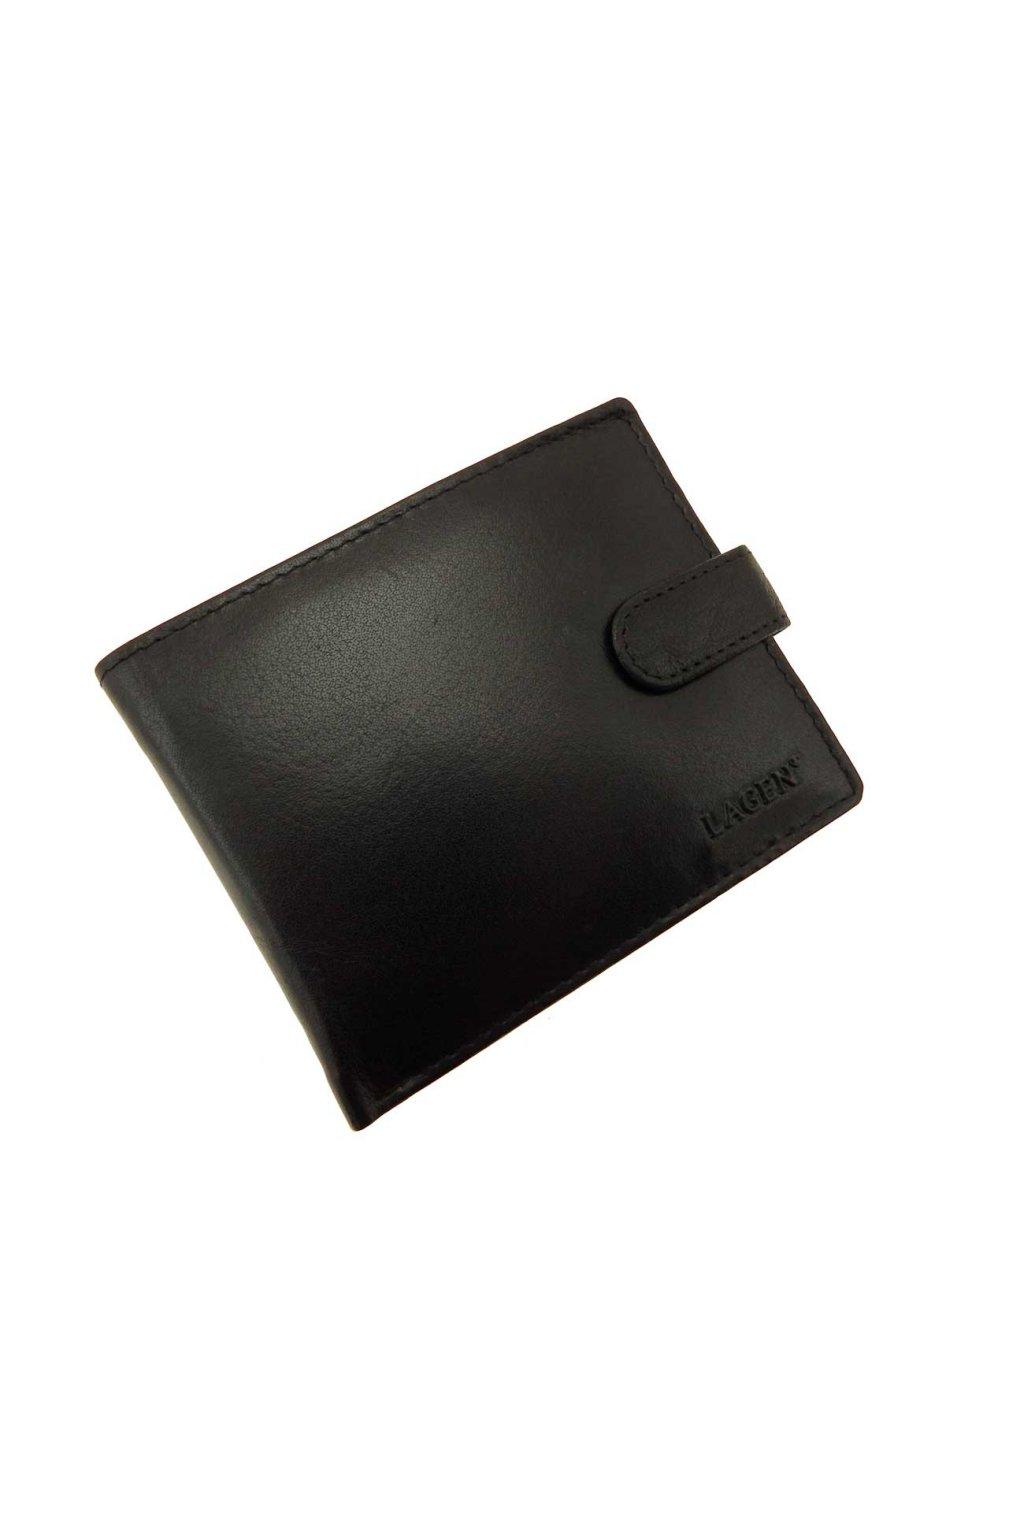 panska kozena penezenka pkp34 e 1036 c